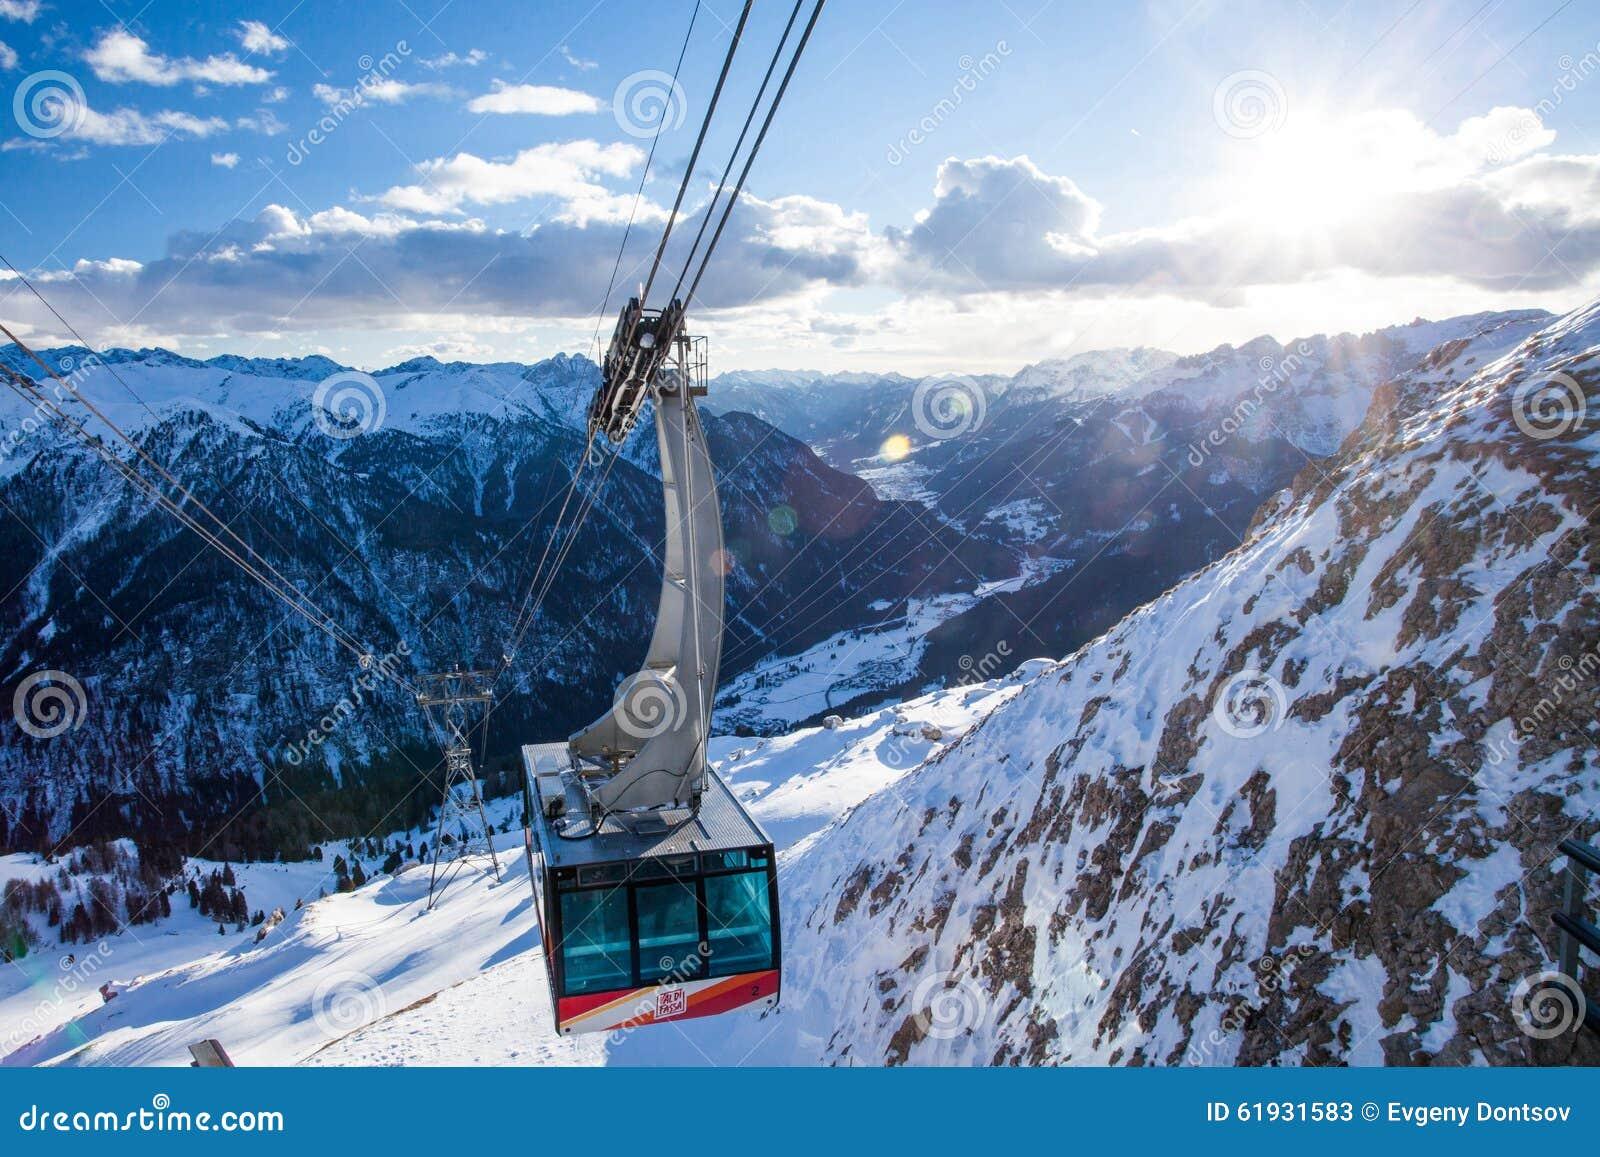 campitello di fassa ski resort in val gardena valley editorial stock